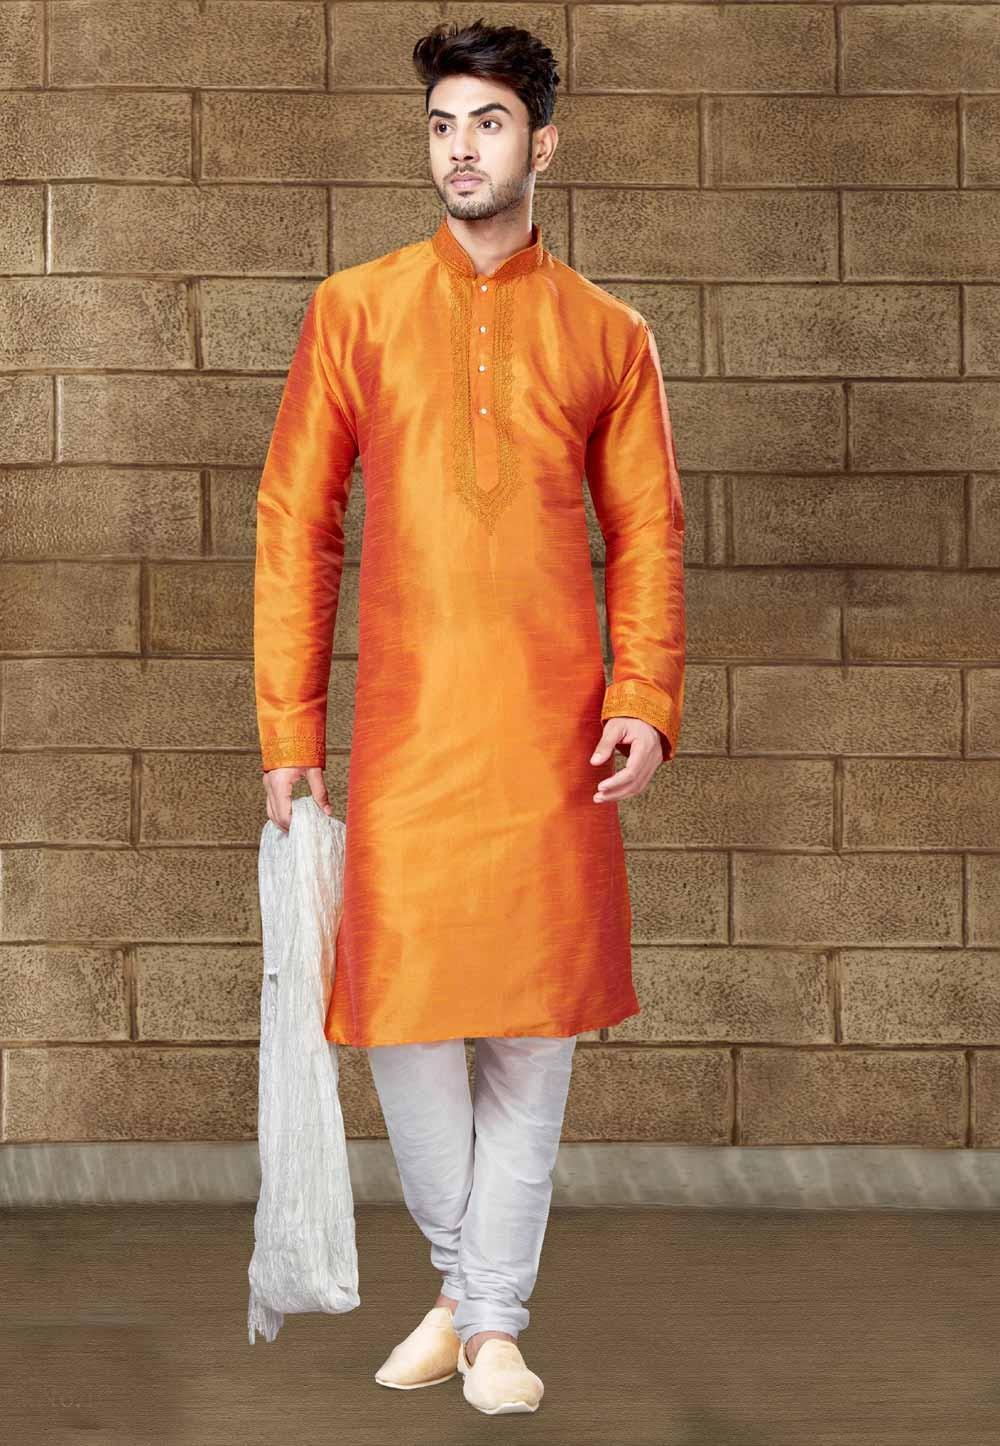 Exquisite Orange Color Readymade Kurta For Mens